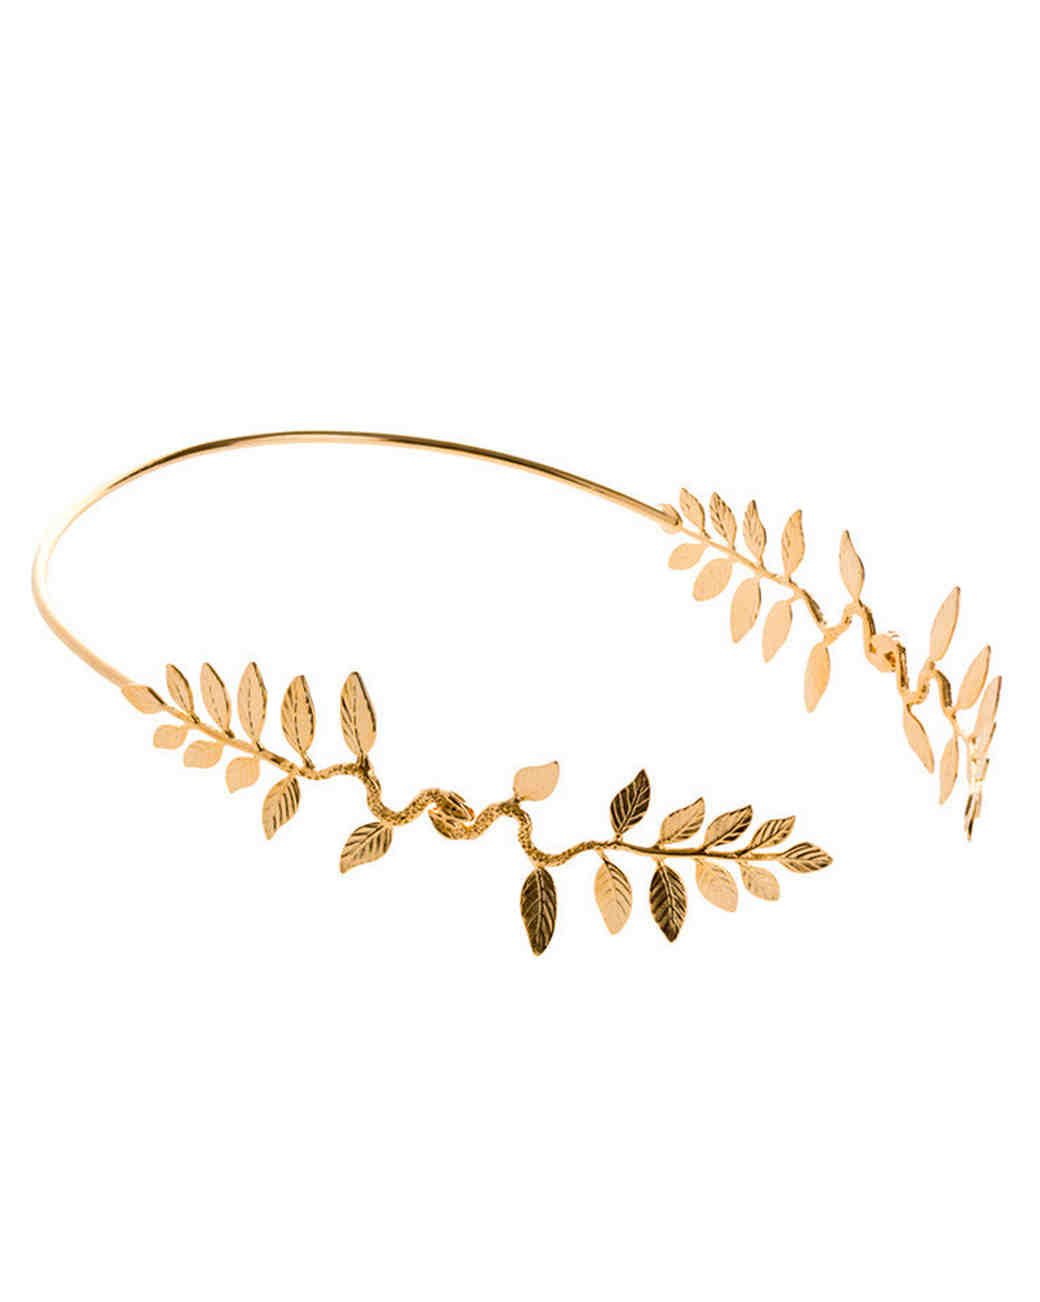 hair-accessories-maria-nilsdotter-madonna-leaf-tiara-1014.jpg